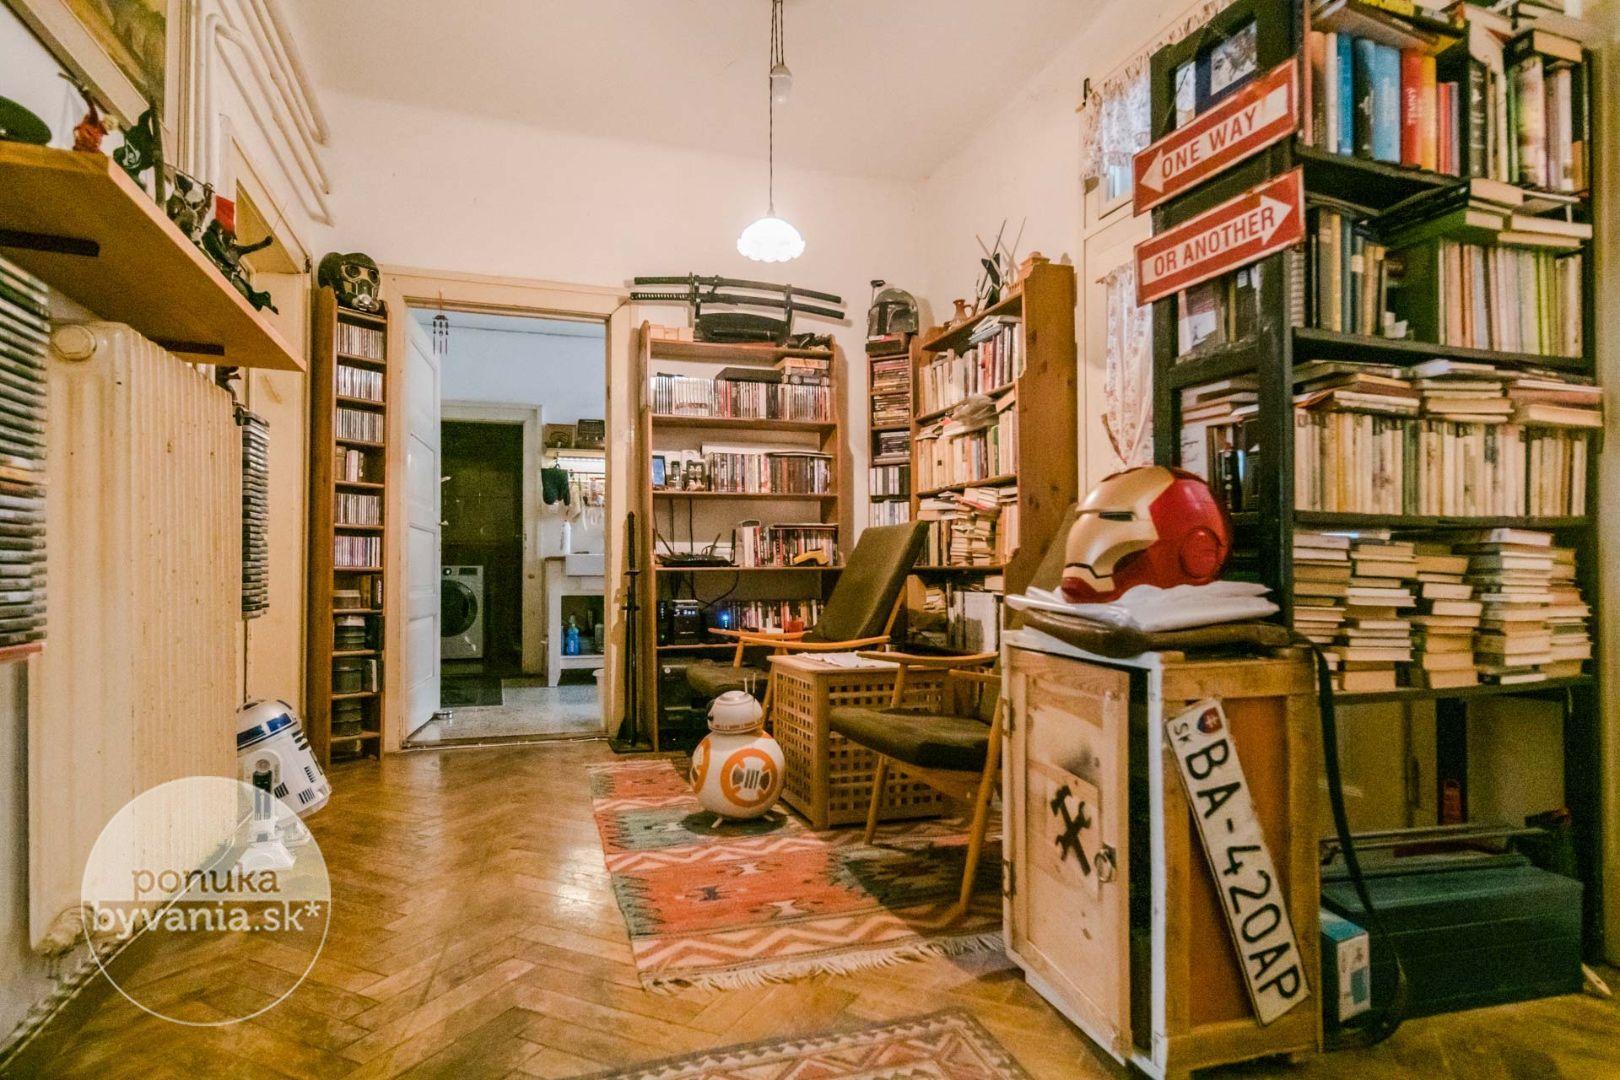 ponukabyvania.sk_Dostojevského rad_4-izbový-byt_BARTA